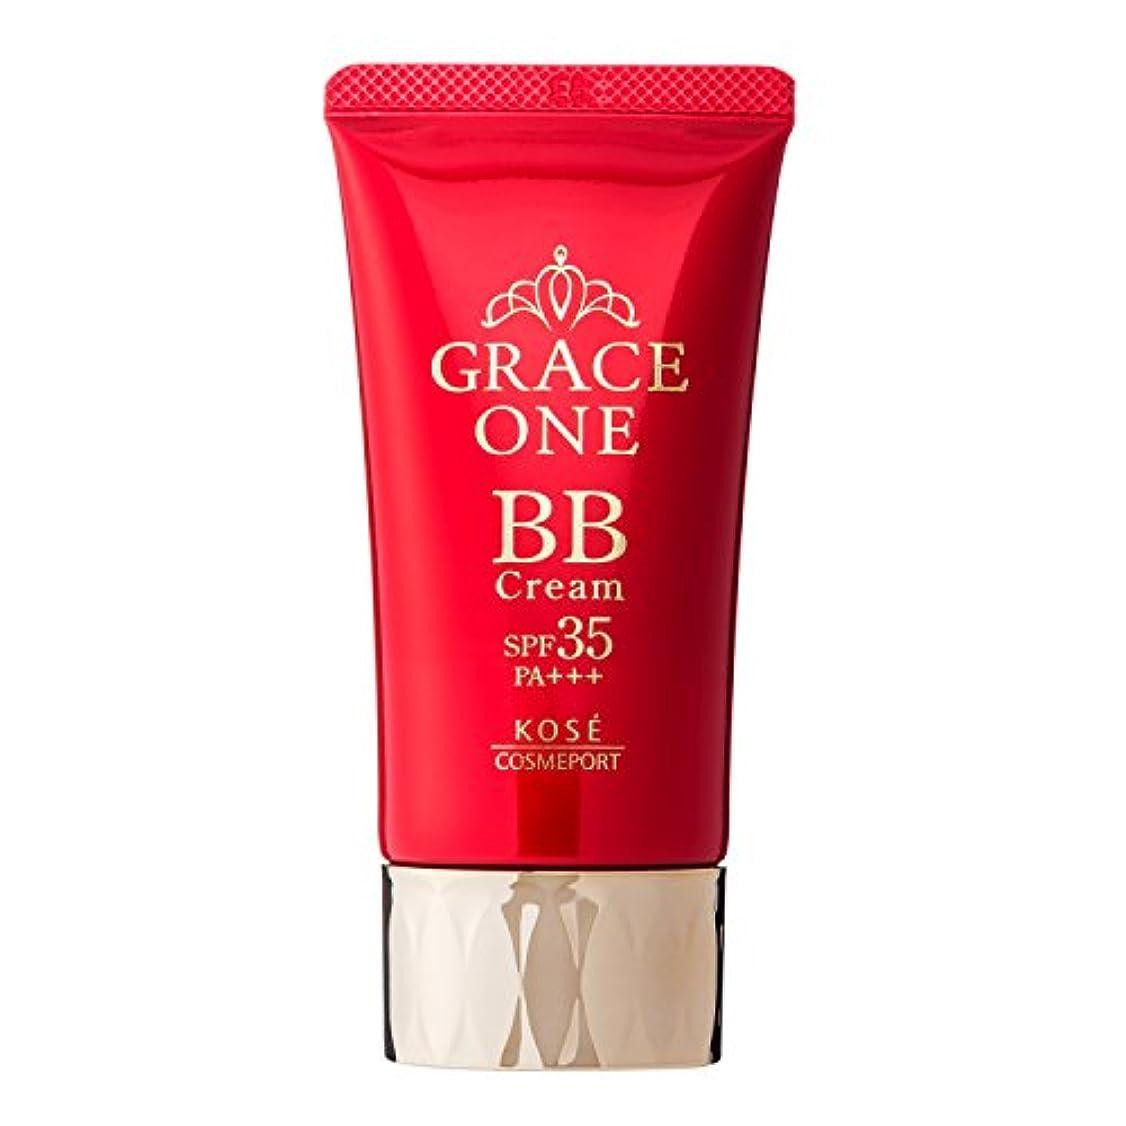 影響力のある膿瘍淡いKOSE グレイス ワン BBクリーム 02 (自然~健康的な肌色)